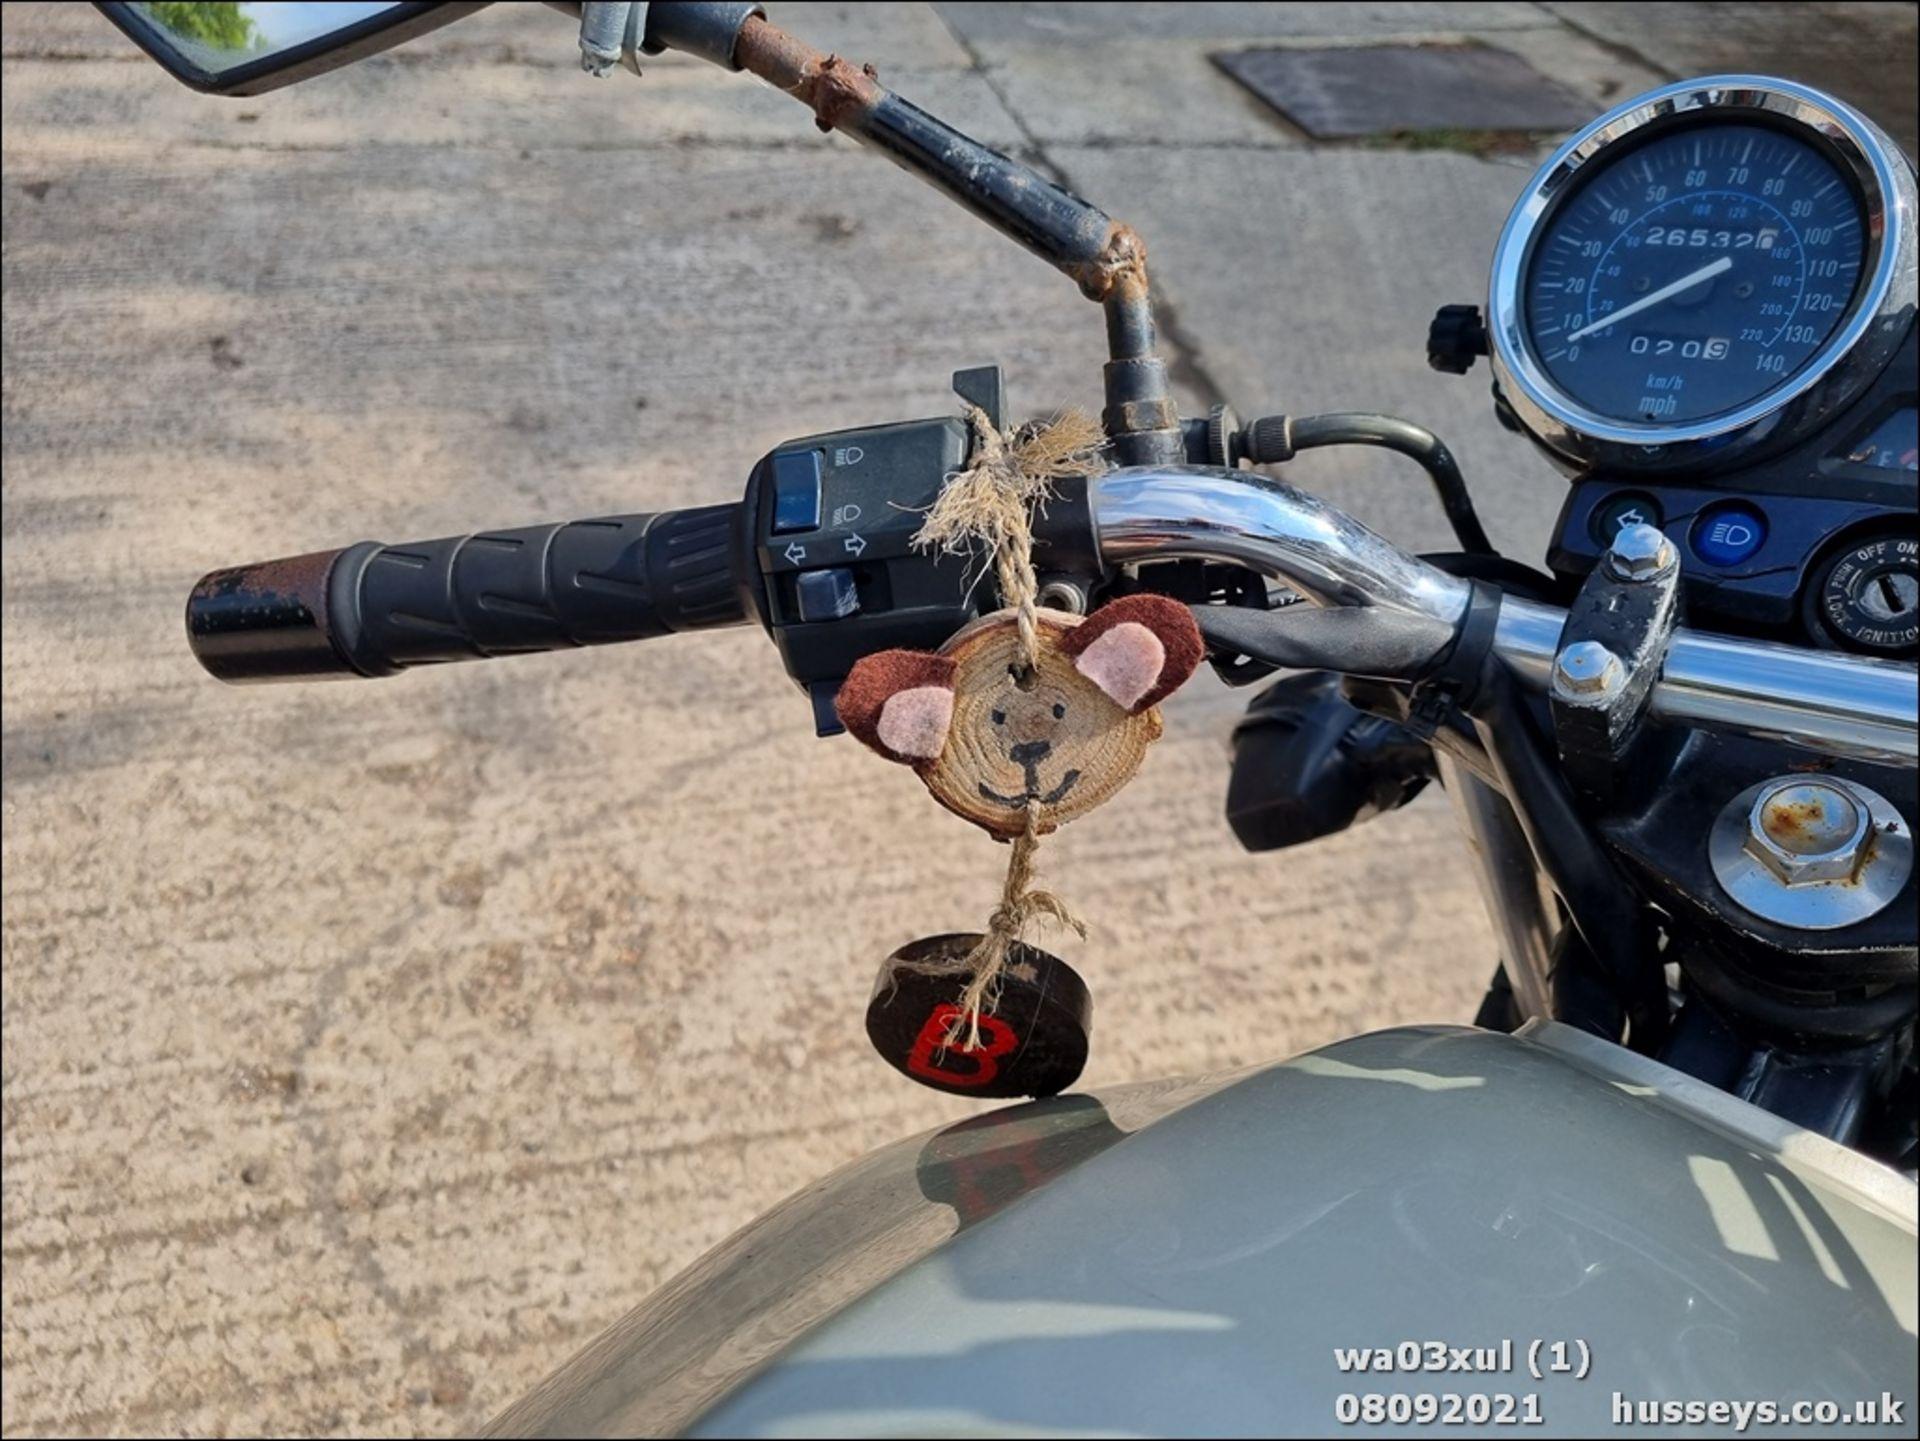 03/03 KAWASAKI ER500-C1 - 498cc Motorcycle (Gold) - Image 11 of 16